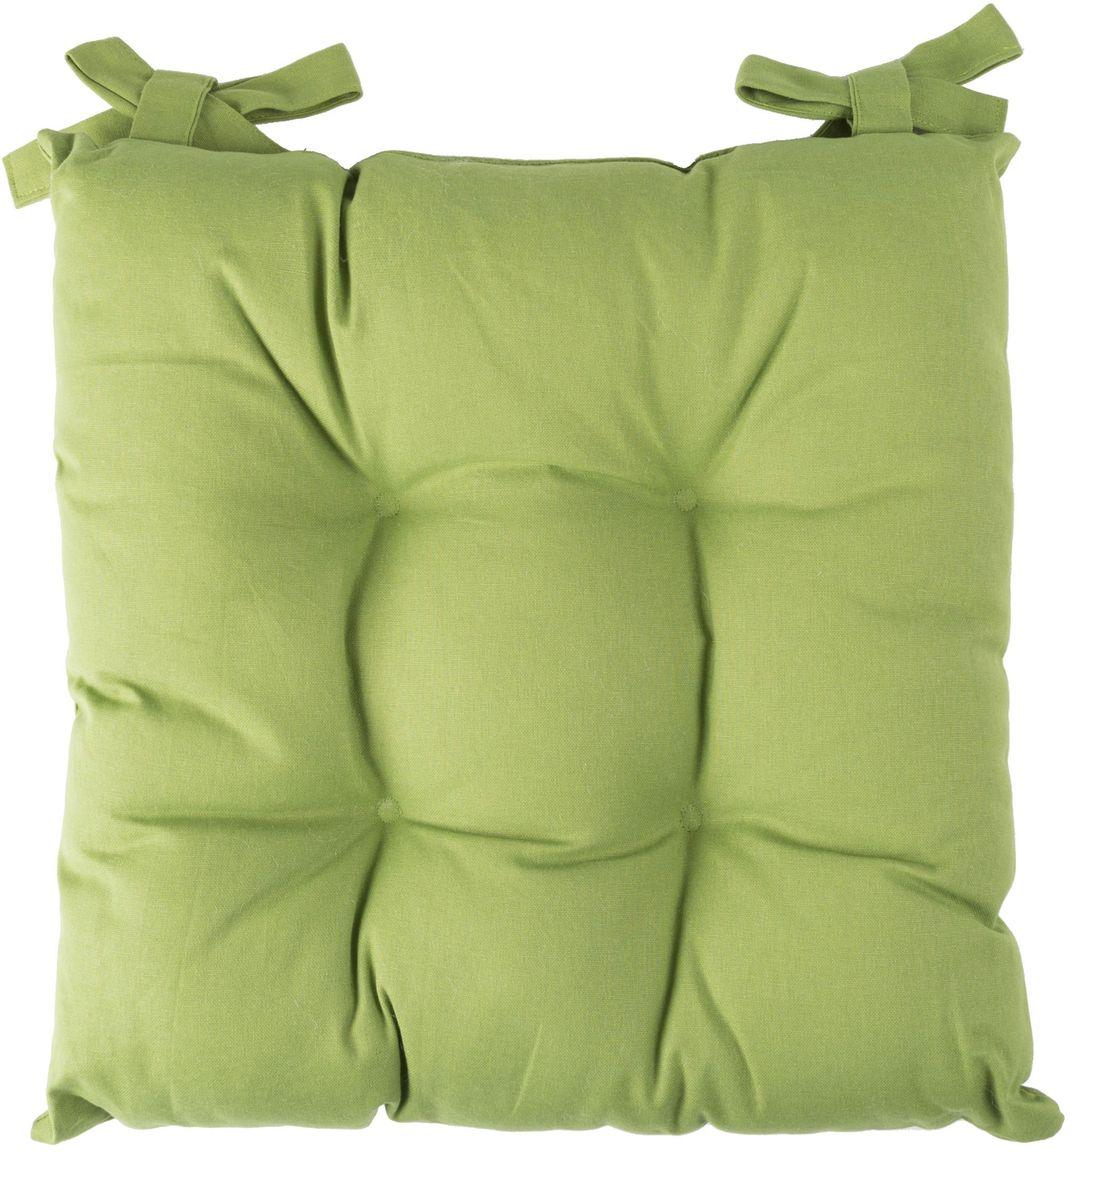 Подушка на стул Daily by Togas Каролина, цвет: салатовый, 45 х 45 см подушка декоративная togas пагода наполнитель полиэфир цвет синий золотой 45 х 45 см